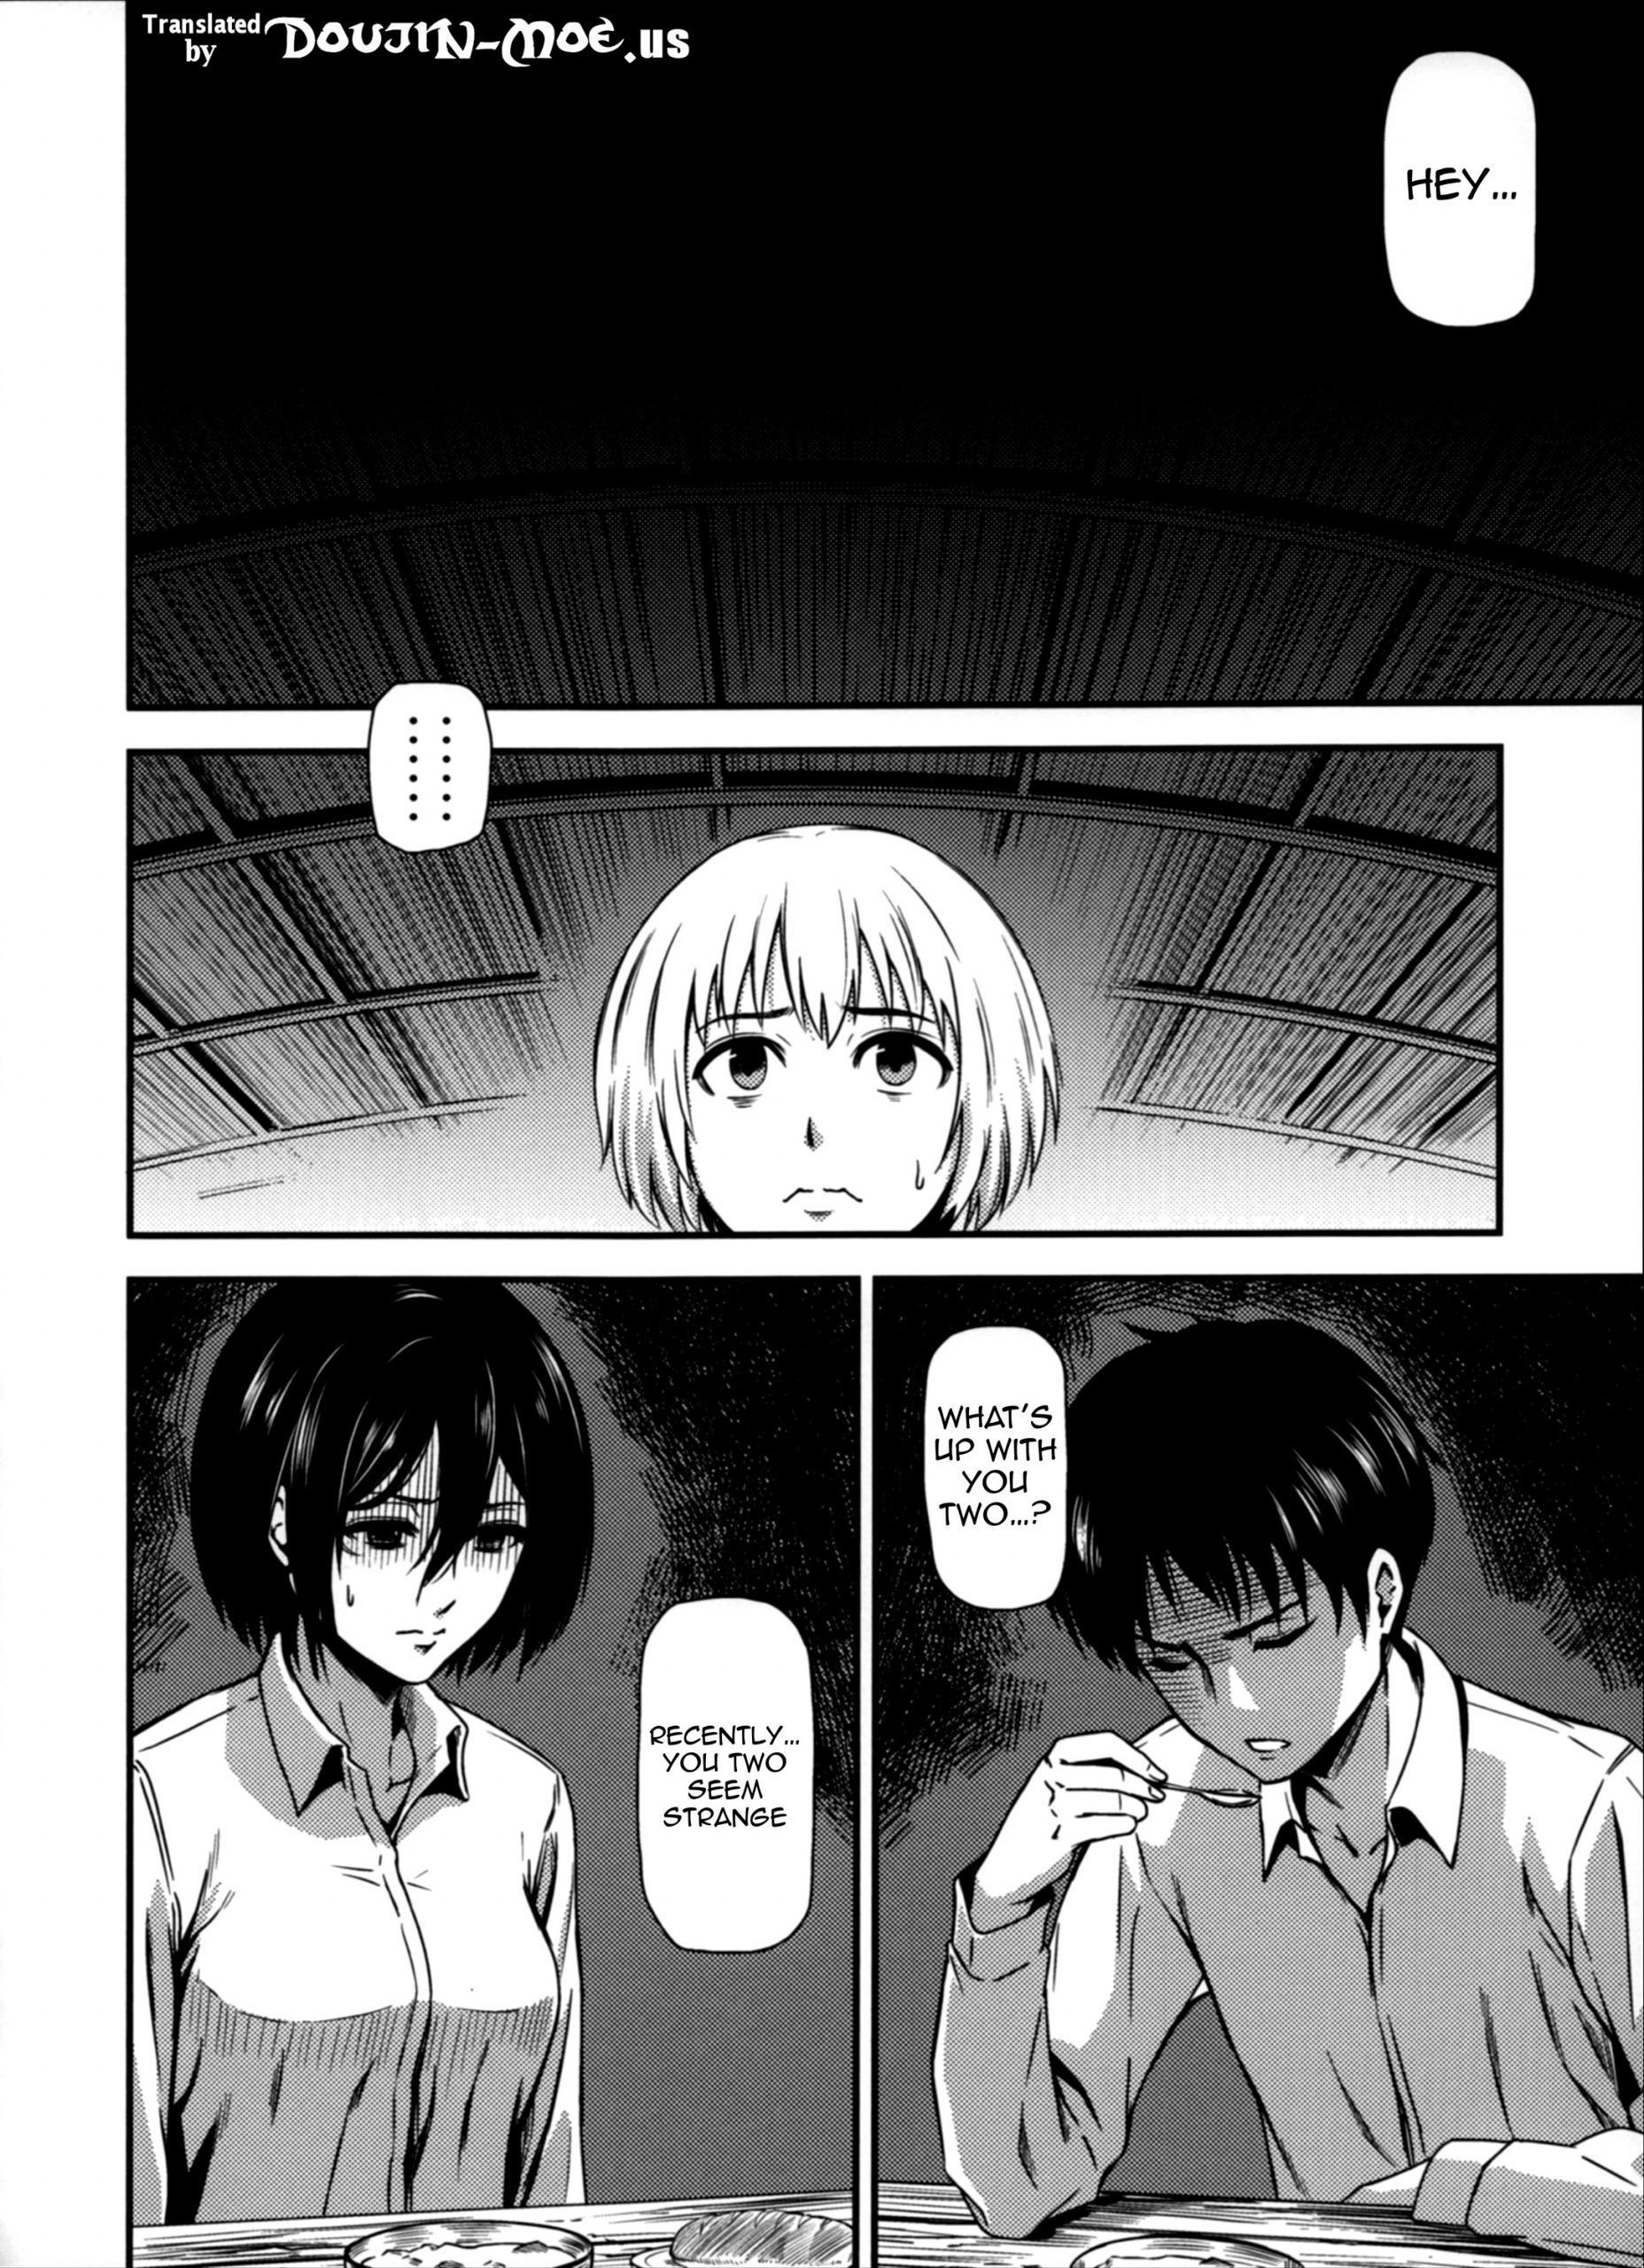 Gekishin yon hentai manga picture 03